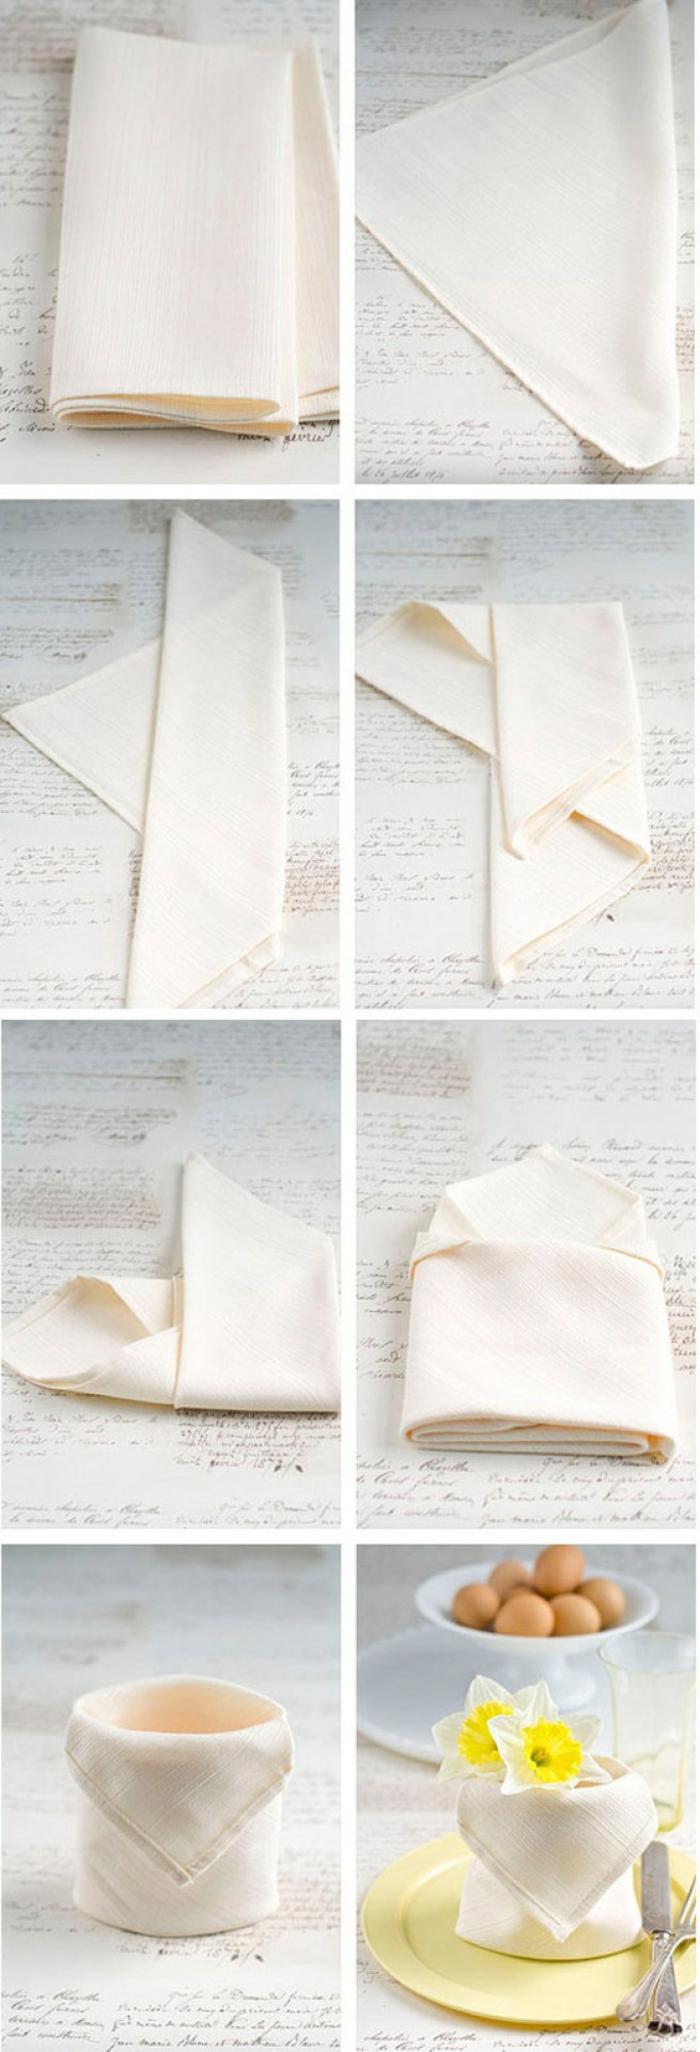 astuces pliage serviette